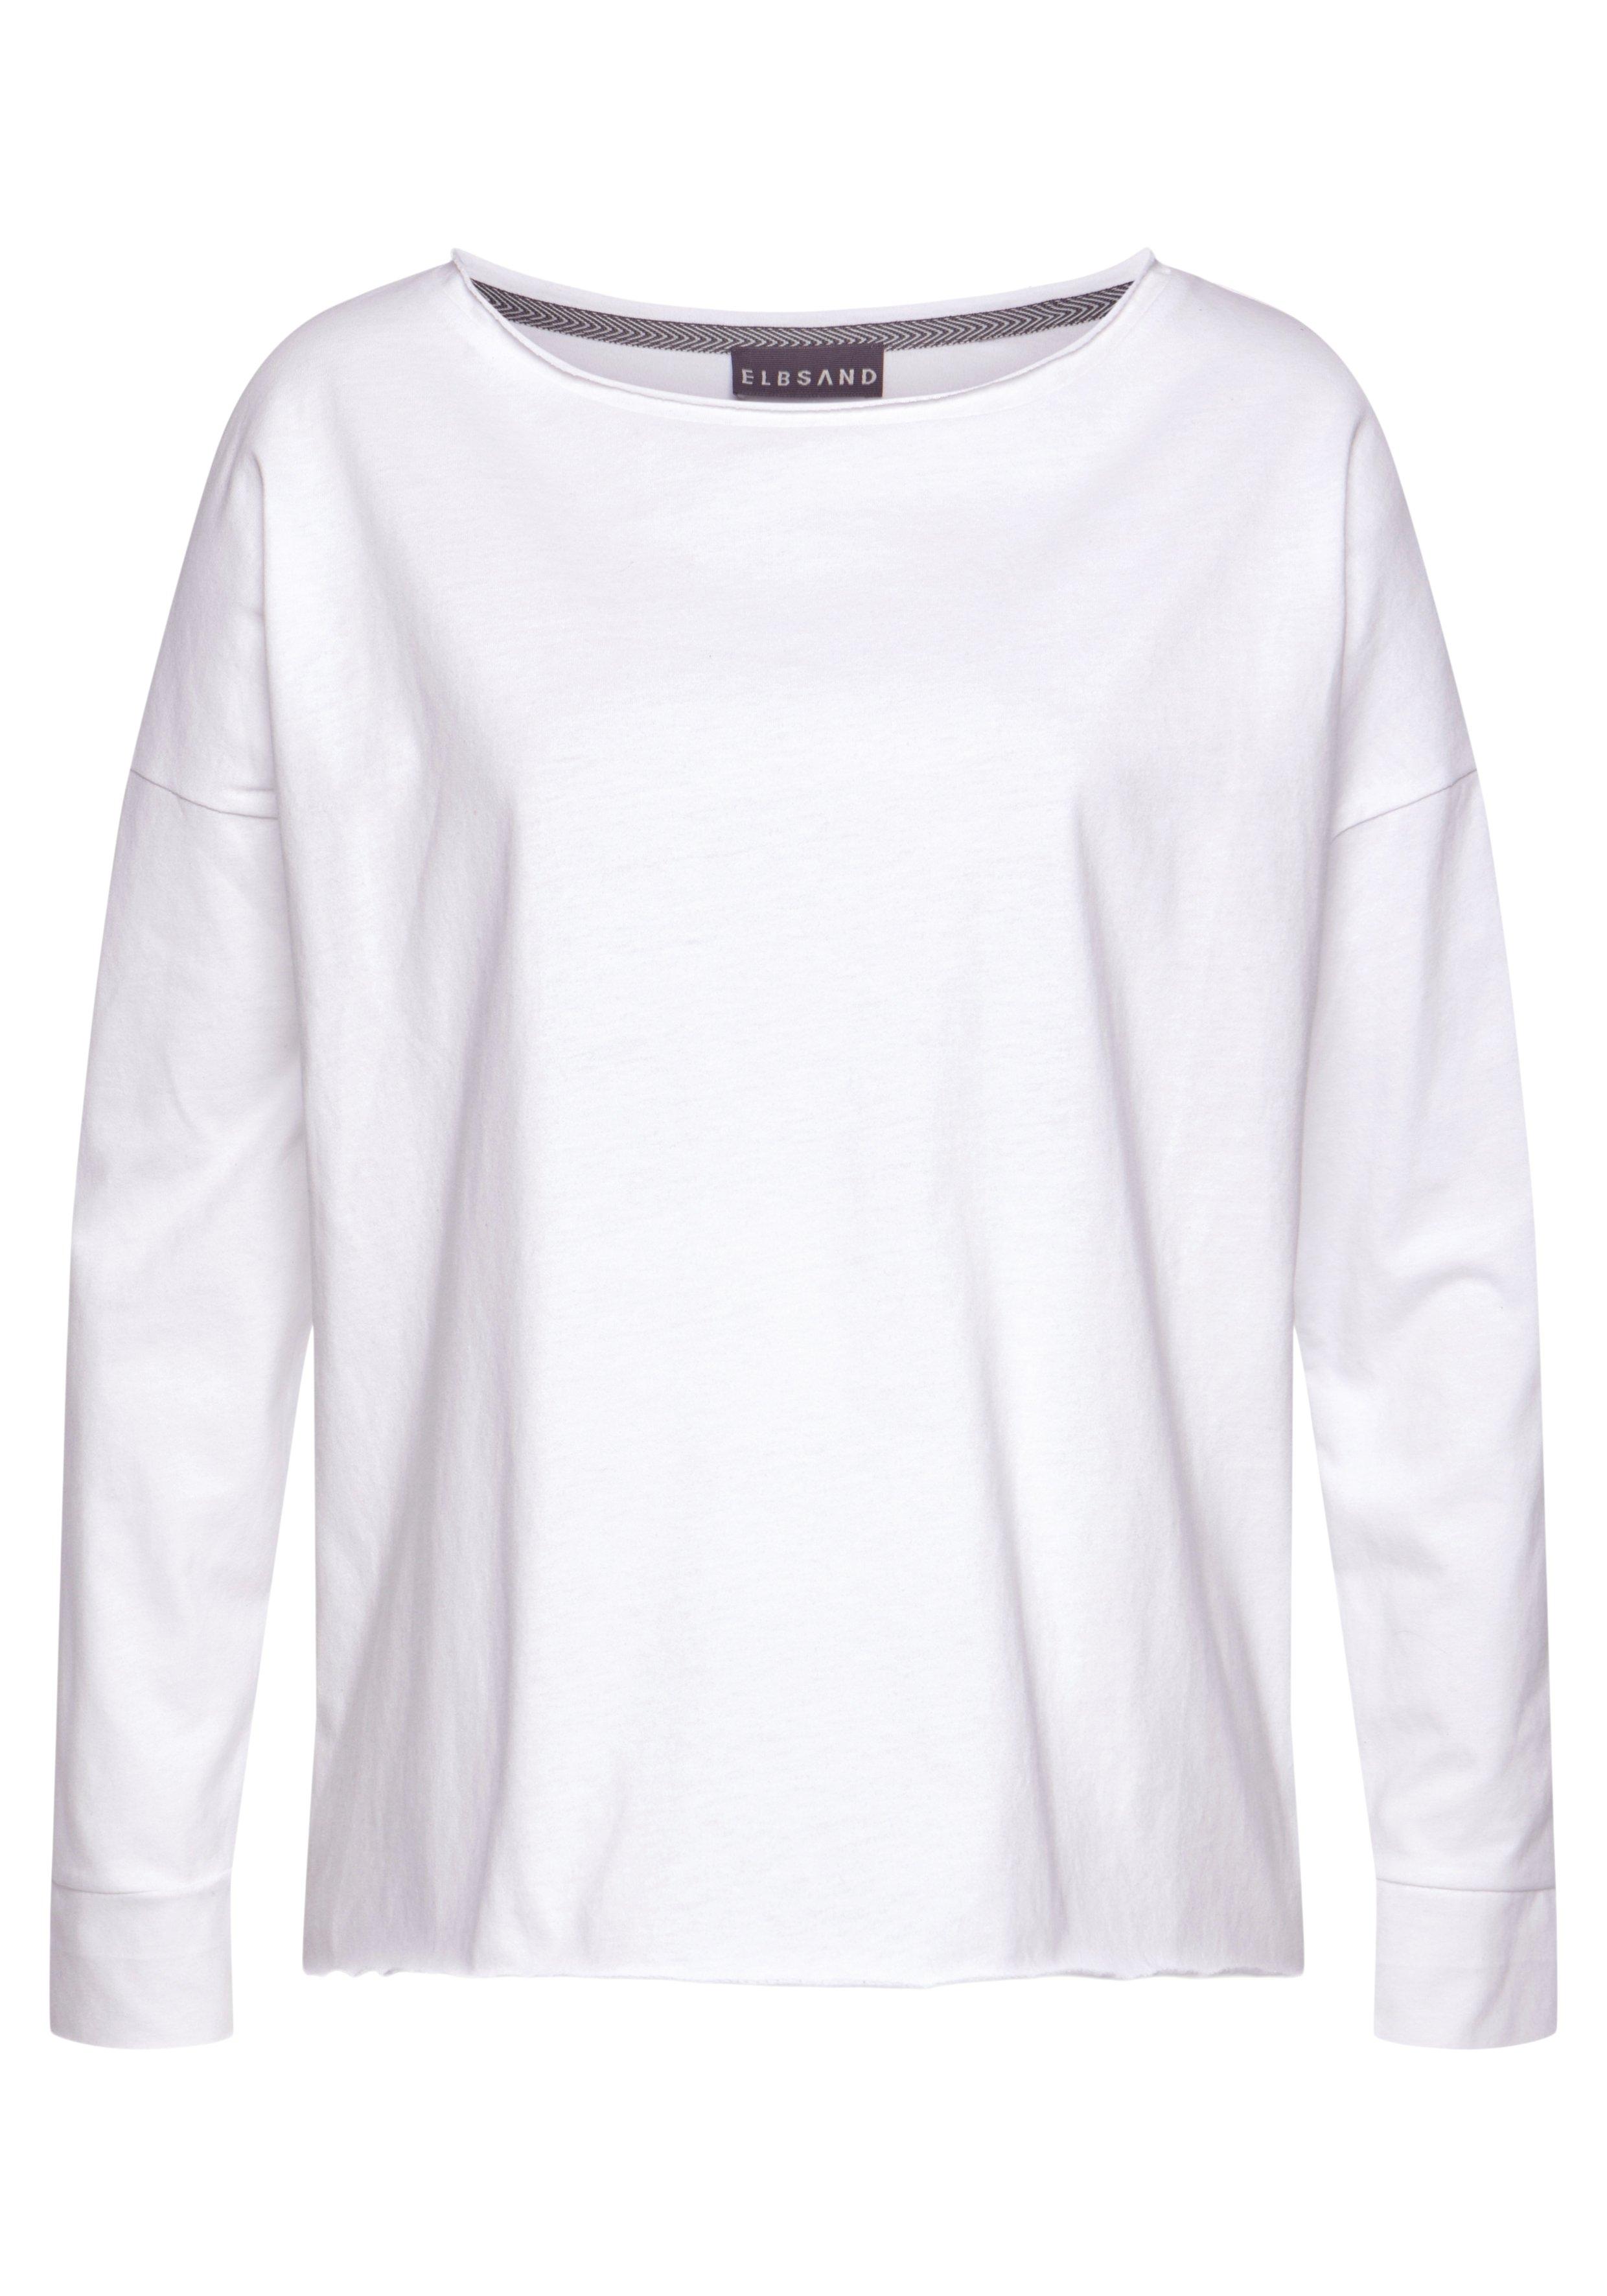 Elbsand shirt met lange mouwen - gratis ruilen op lascana.nl